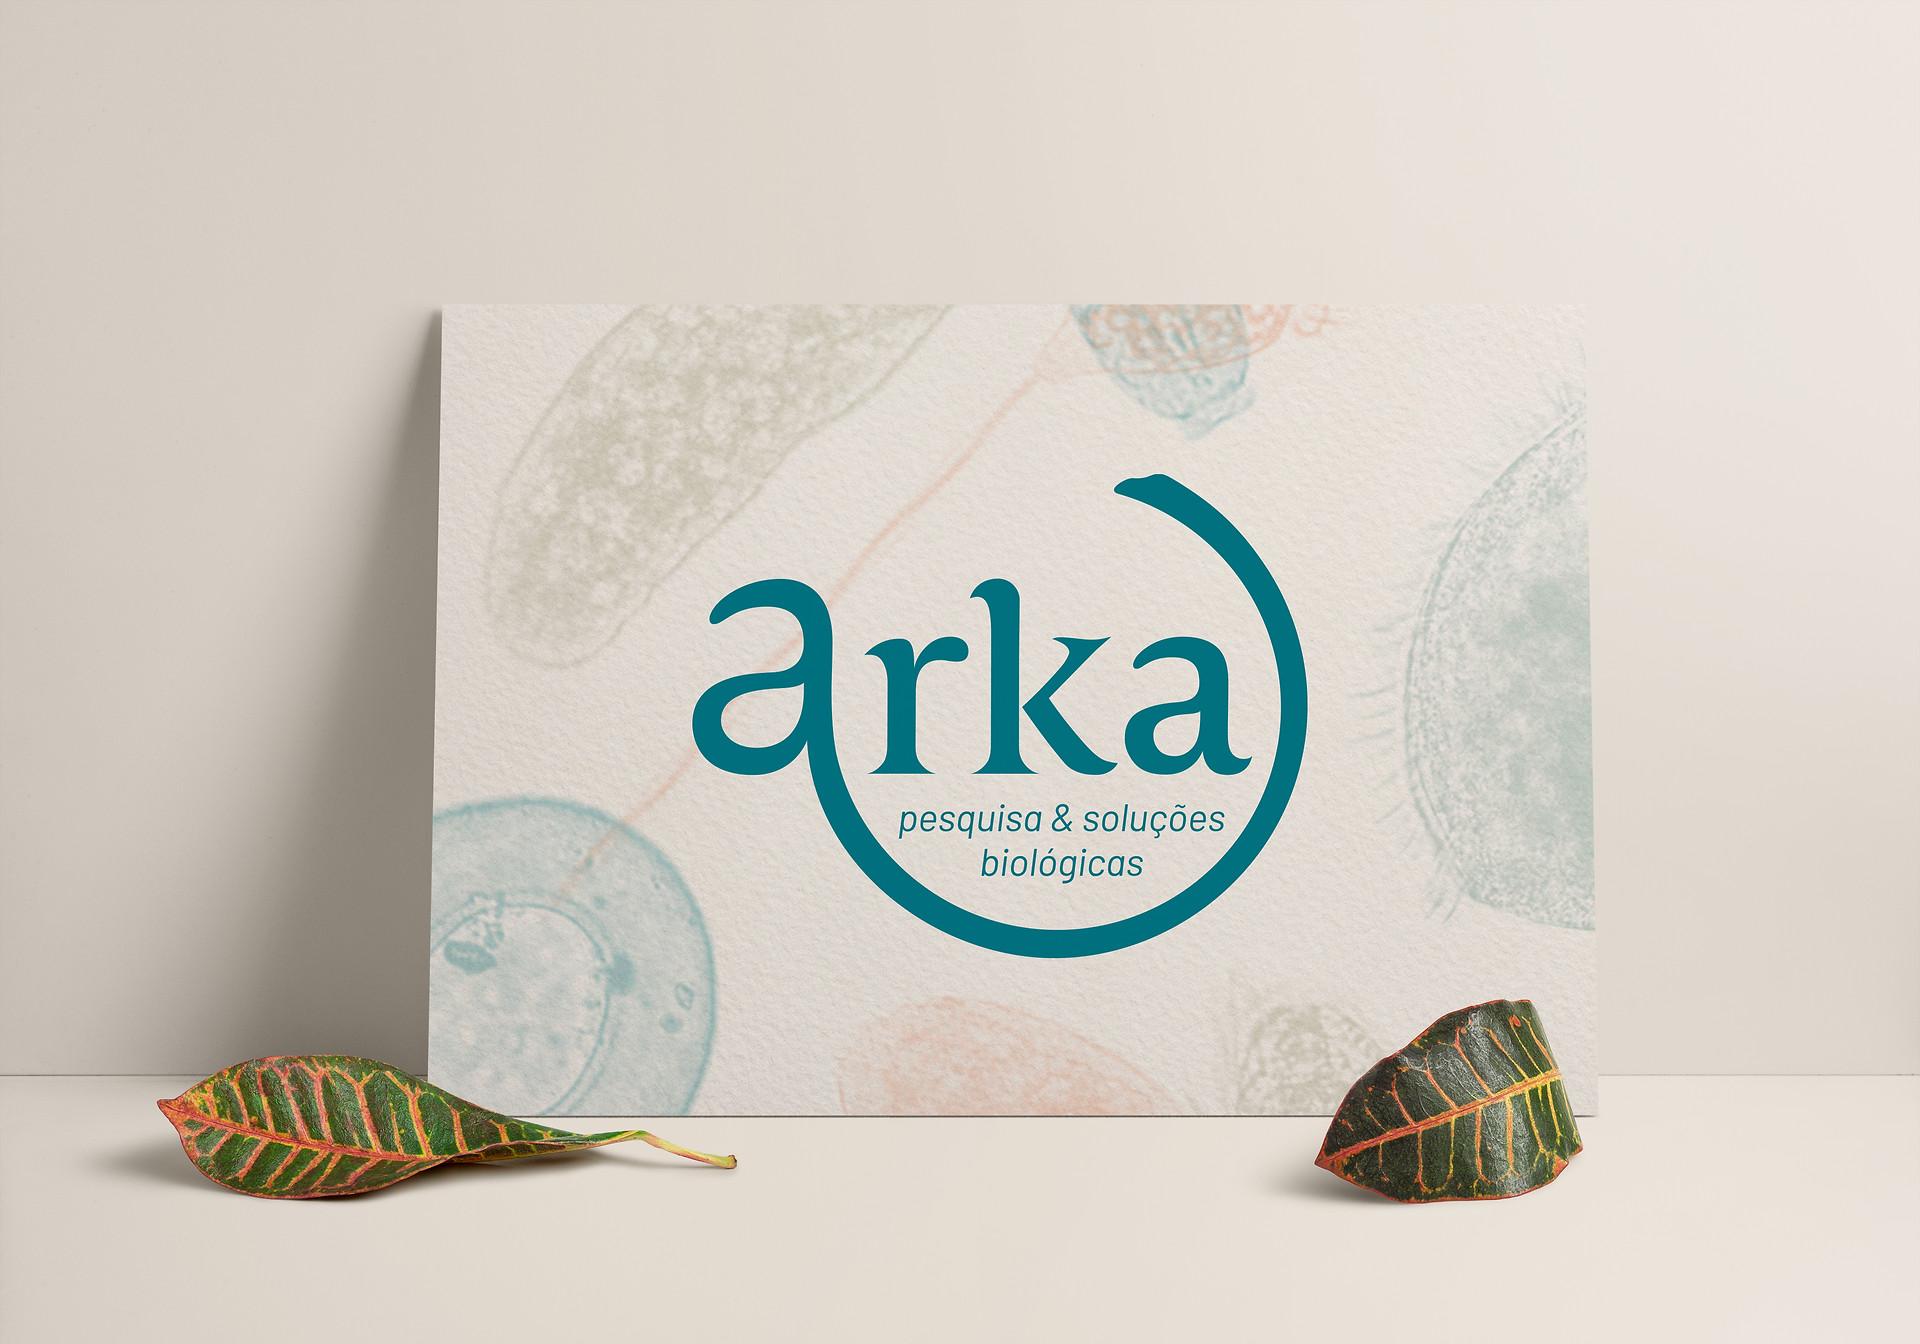 arka1(2).jpg